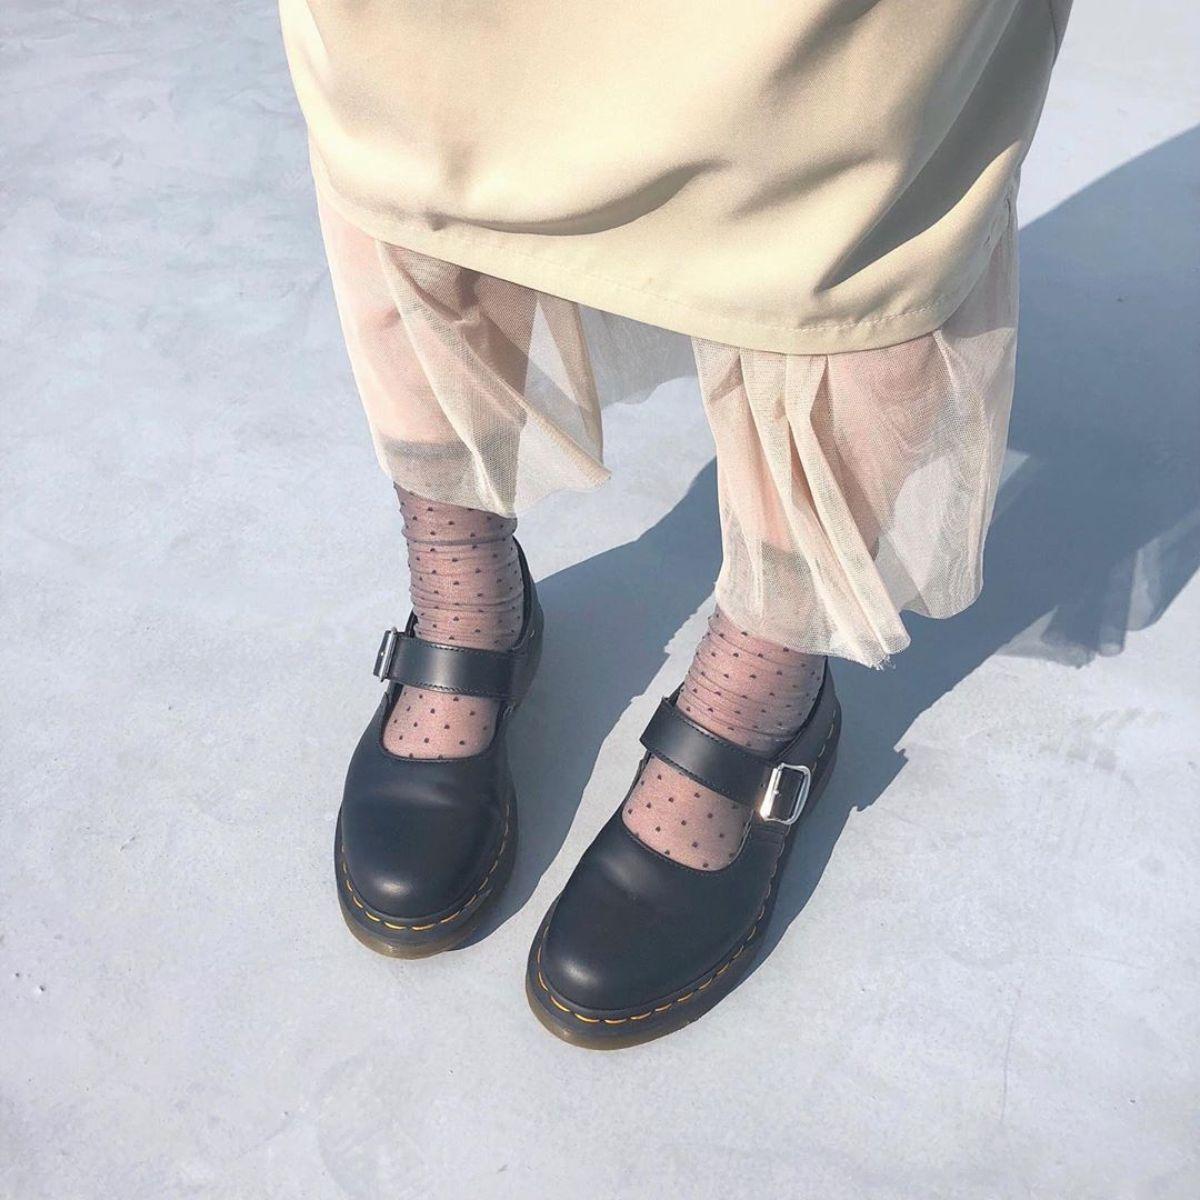 サンダルは寒いけどブーツは暑い…この季節に履くべきなのは断然【ドクターマーチン】のシューズでした♡